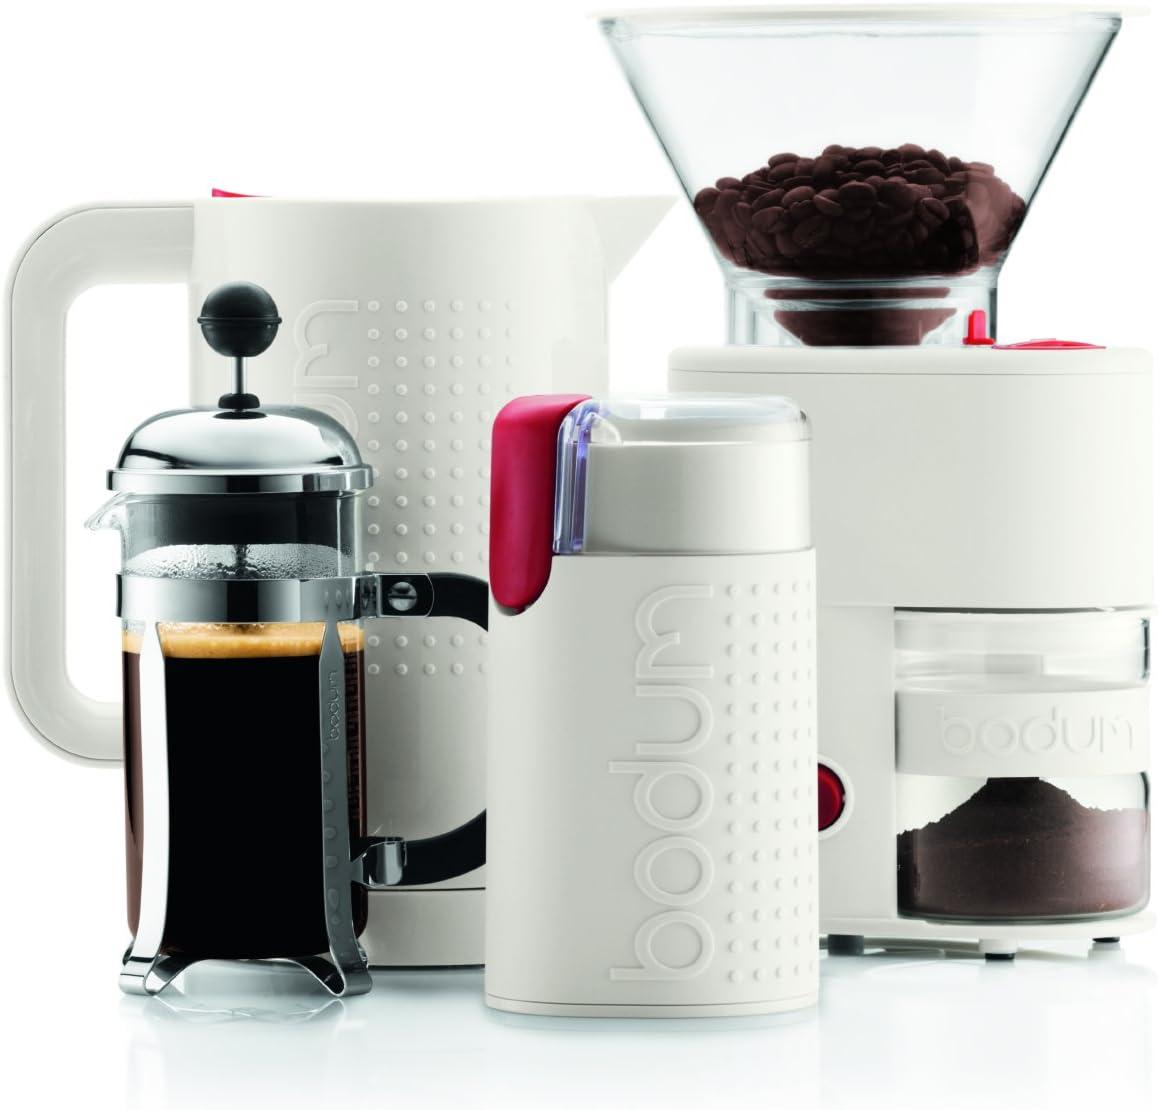 Bodum Bistro Molinillo de café eléctrico, 150 W, plástico, Acero ...